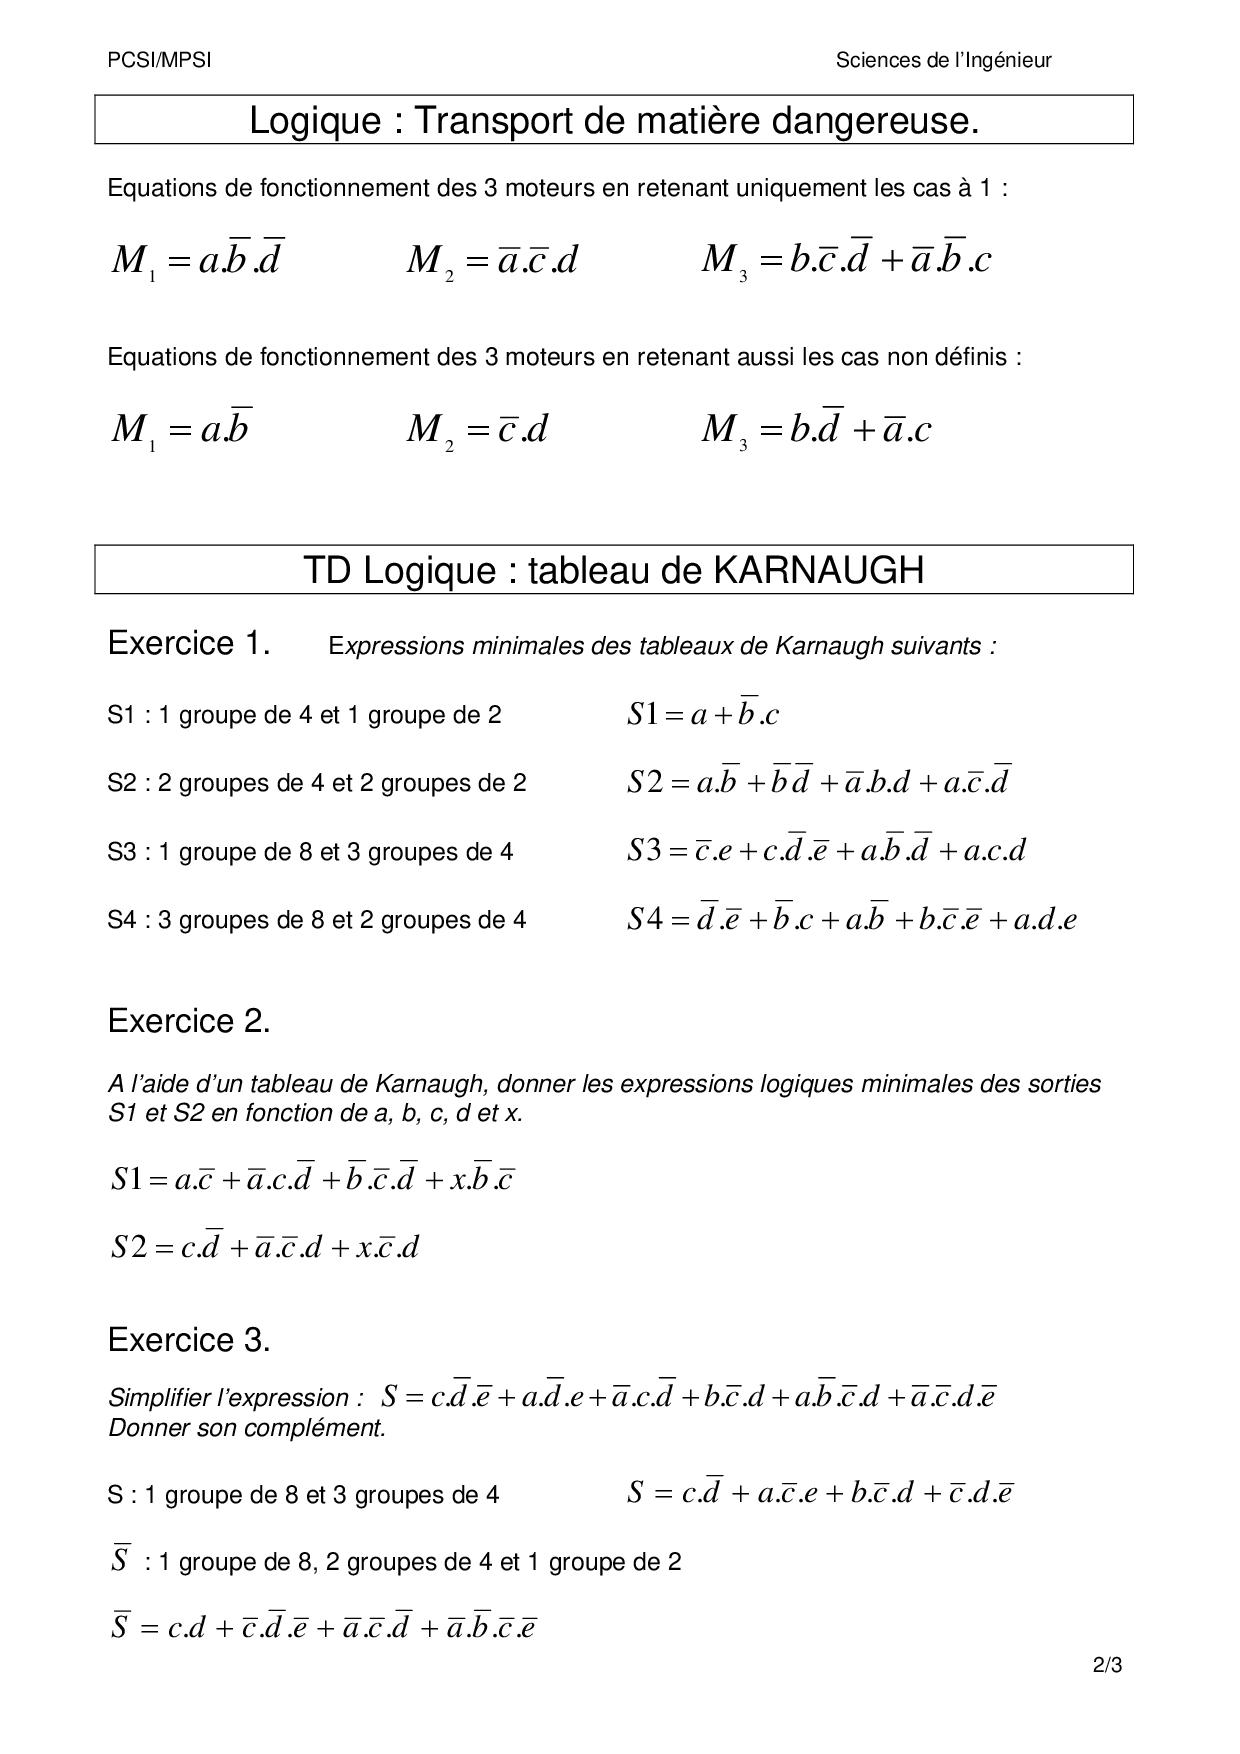 Tableaux De Karnaugh Corrige Alloschool